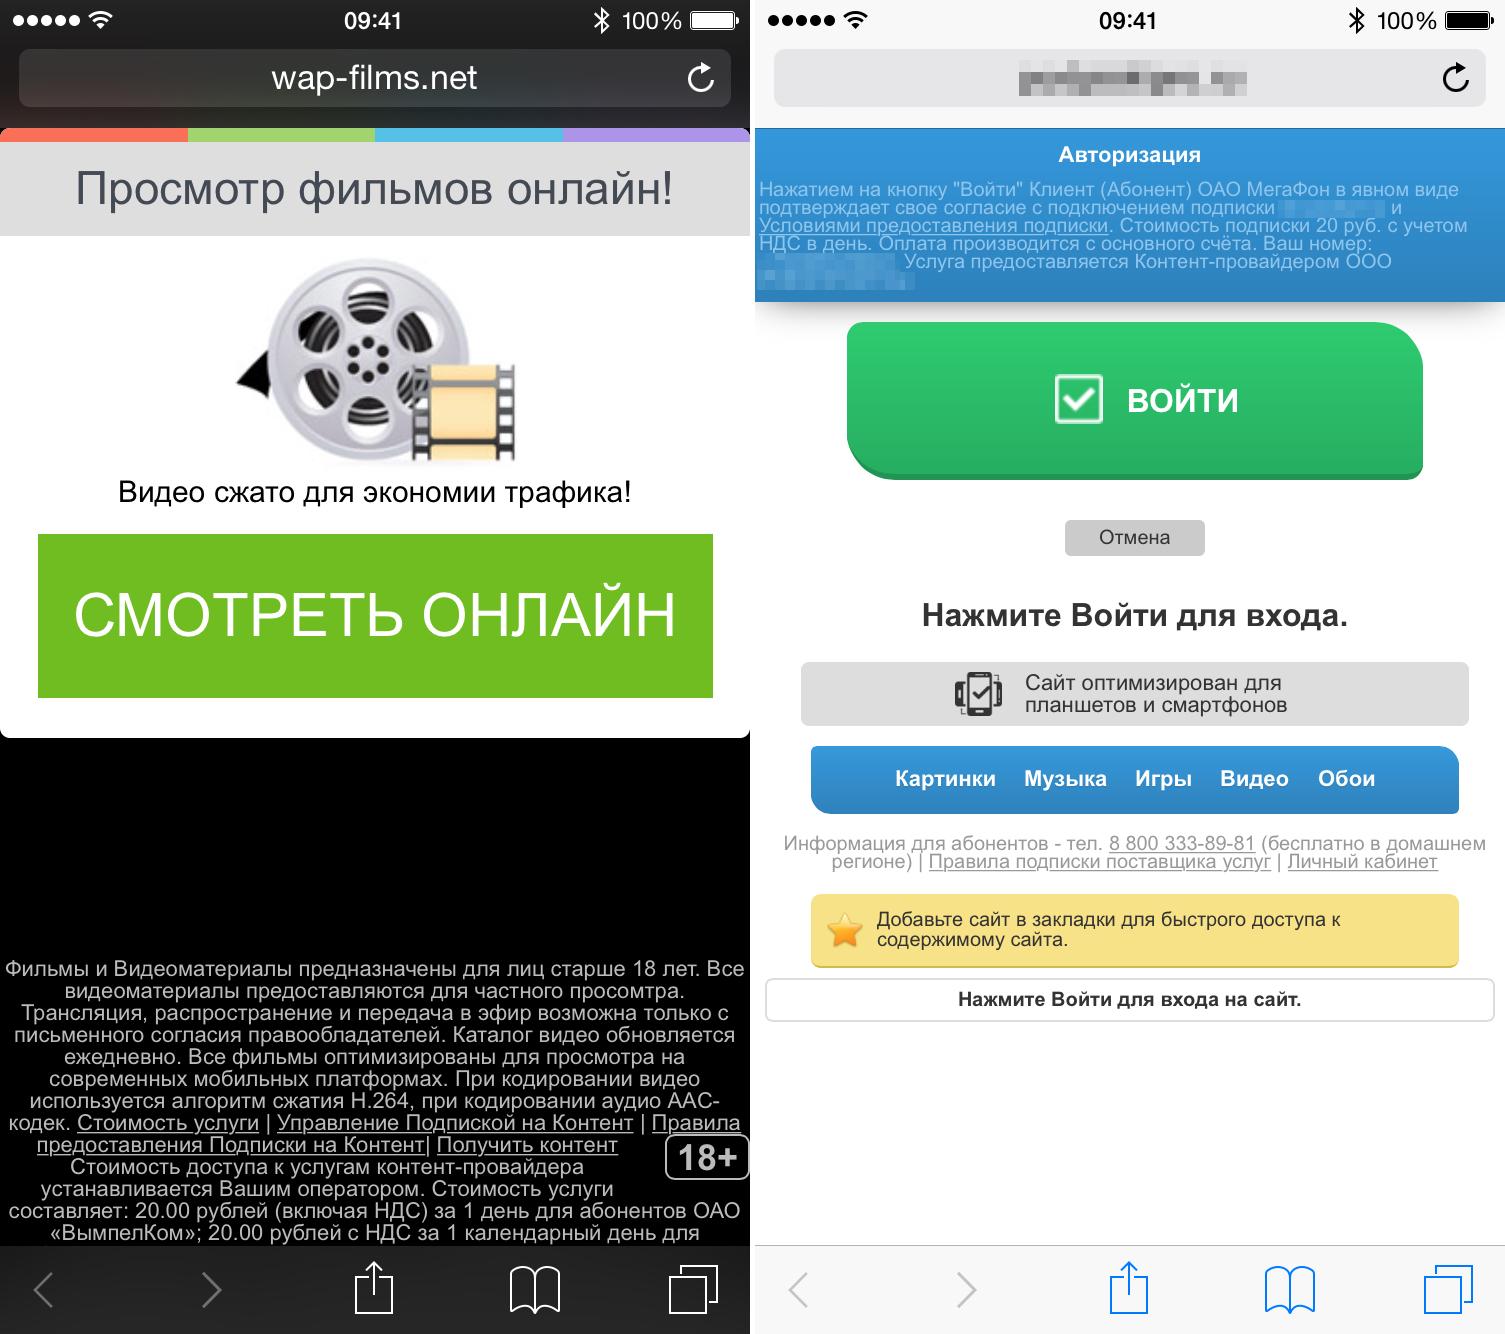 Яндекс будет ниже ранжировать сайты, обманывающие пользователей мобильного интернета